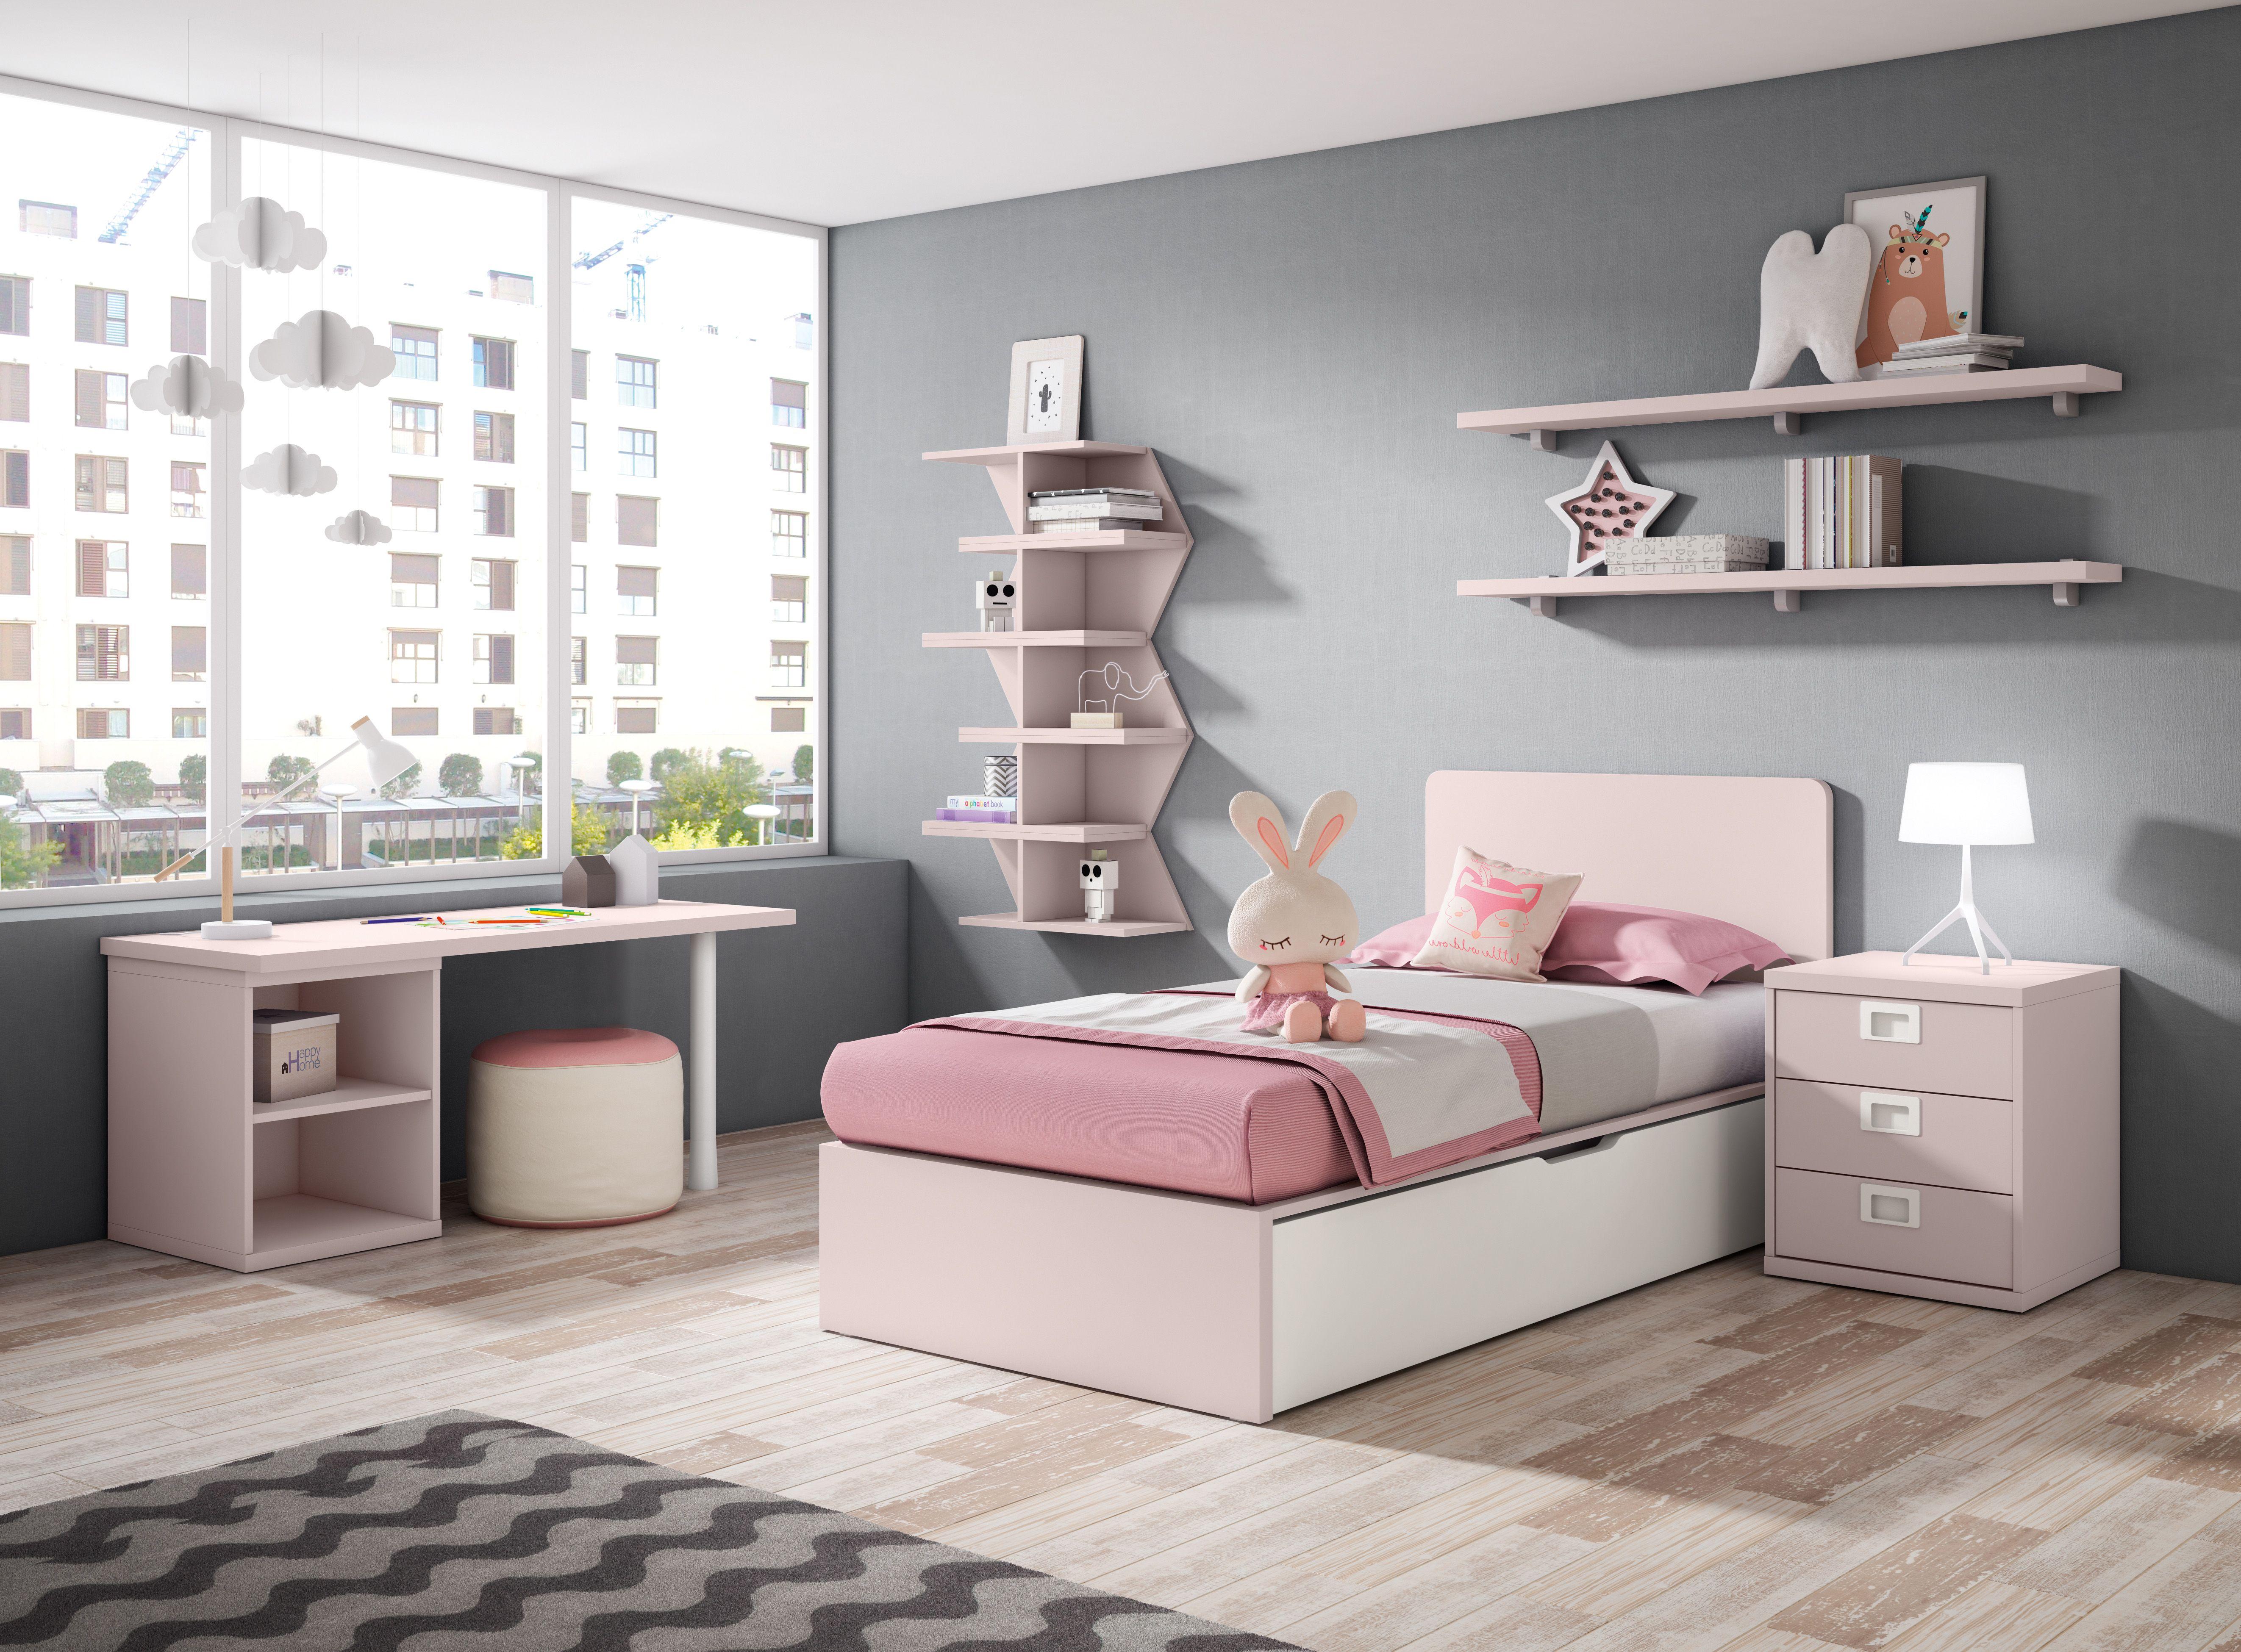 CUNAS - Grupo Exojo - Catálogo UP18 #deco #mobiliario #bebe ...